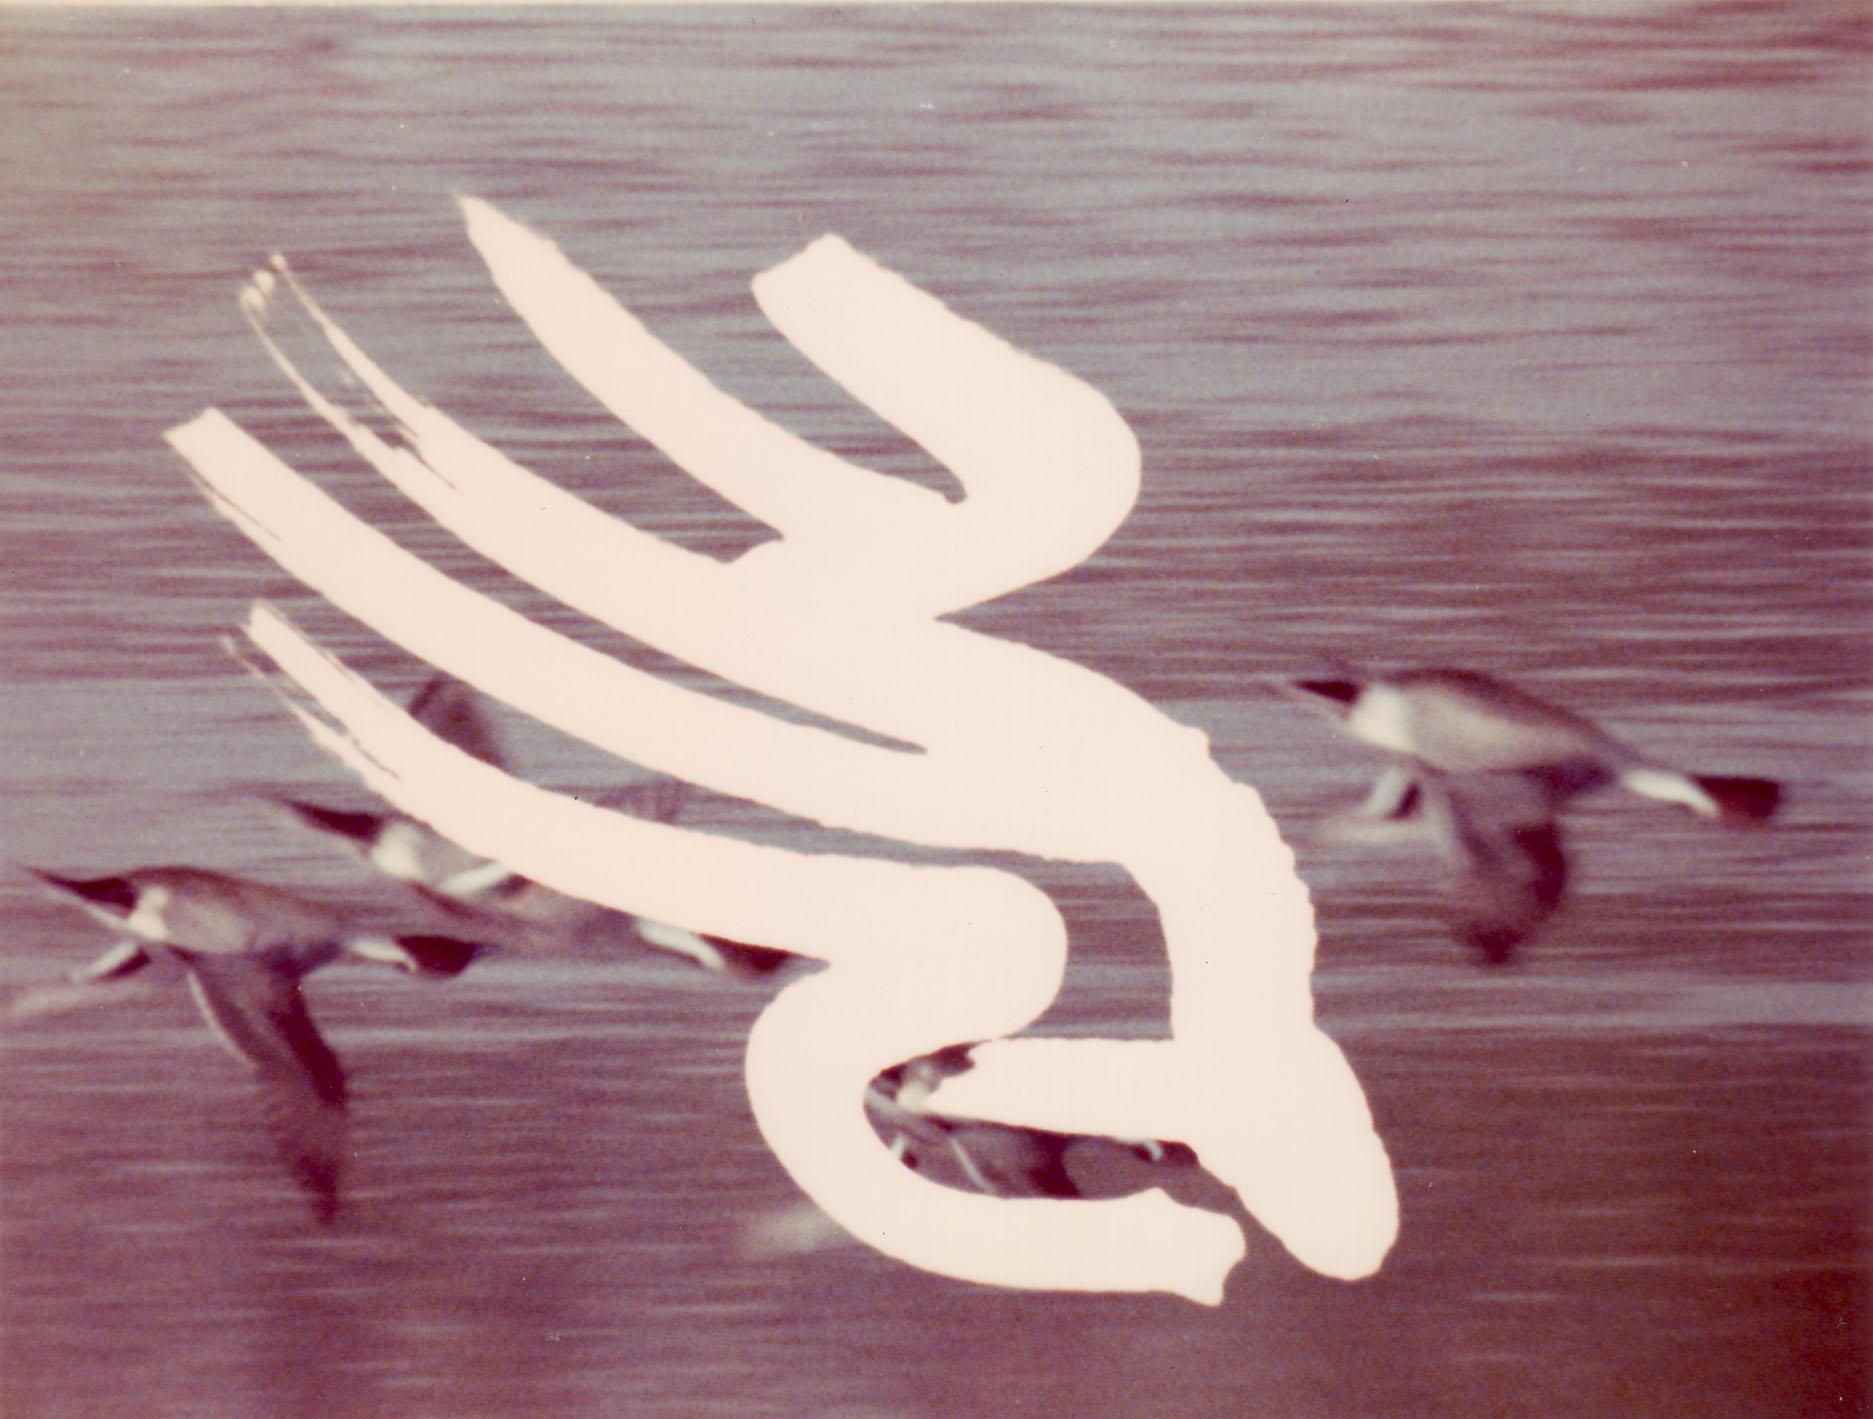 漢字の表現 -篆書と隷書-